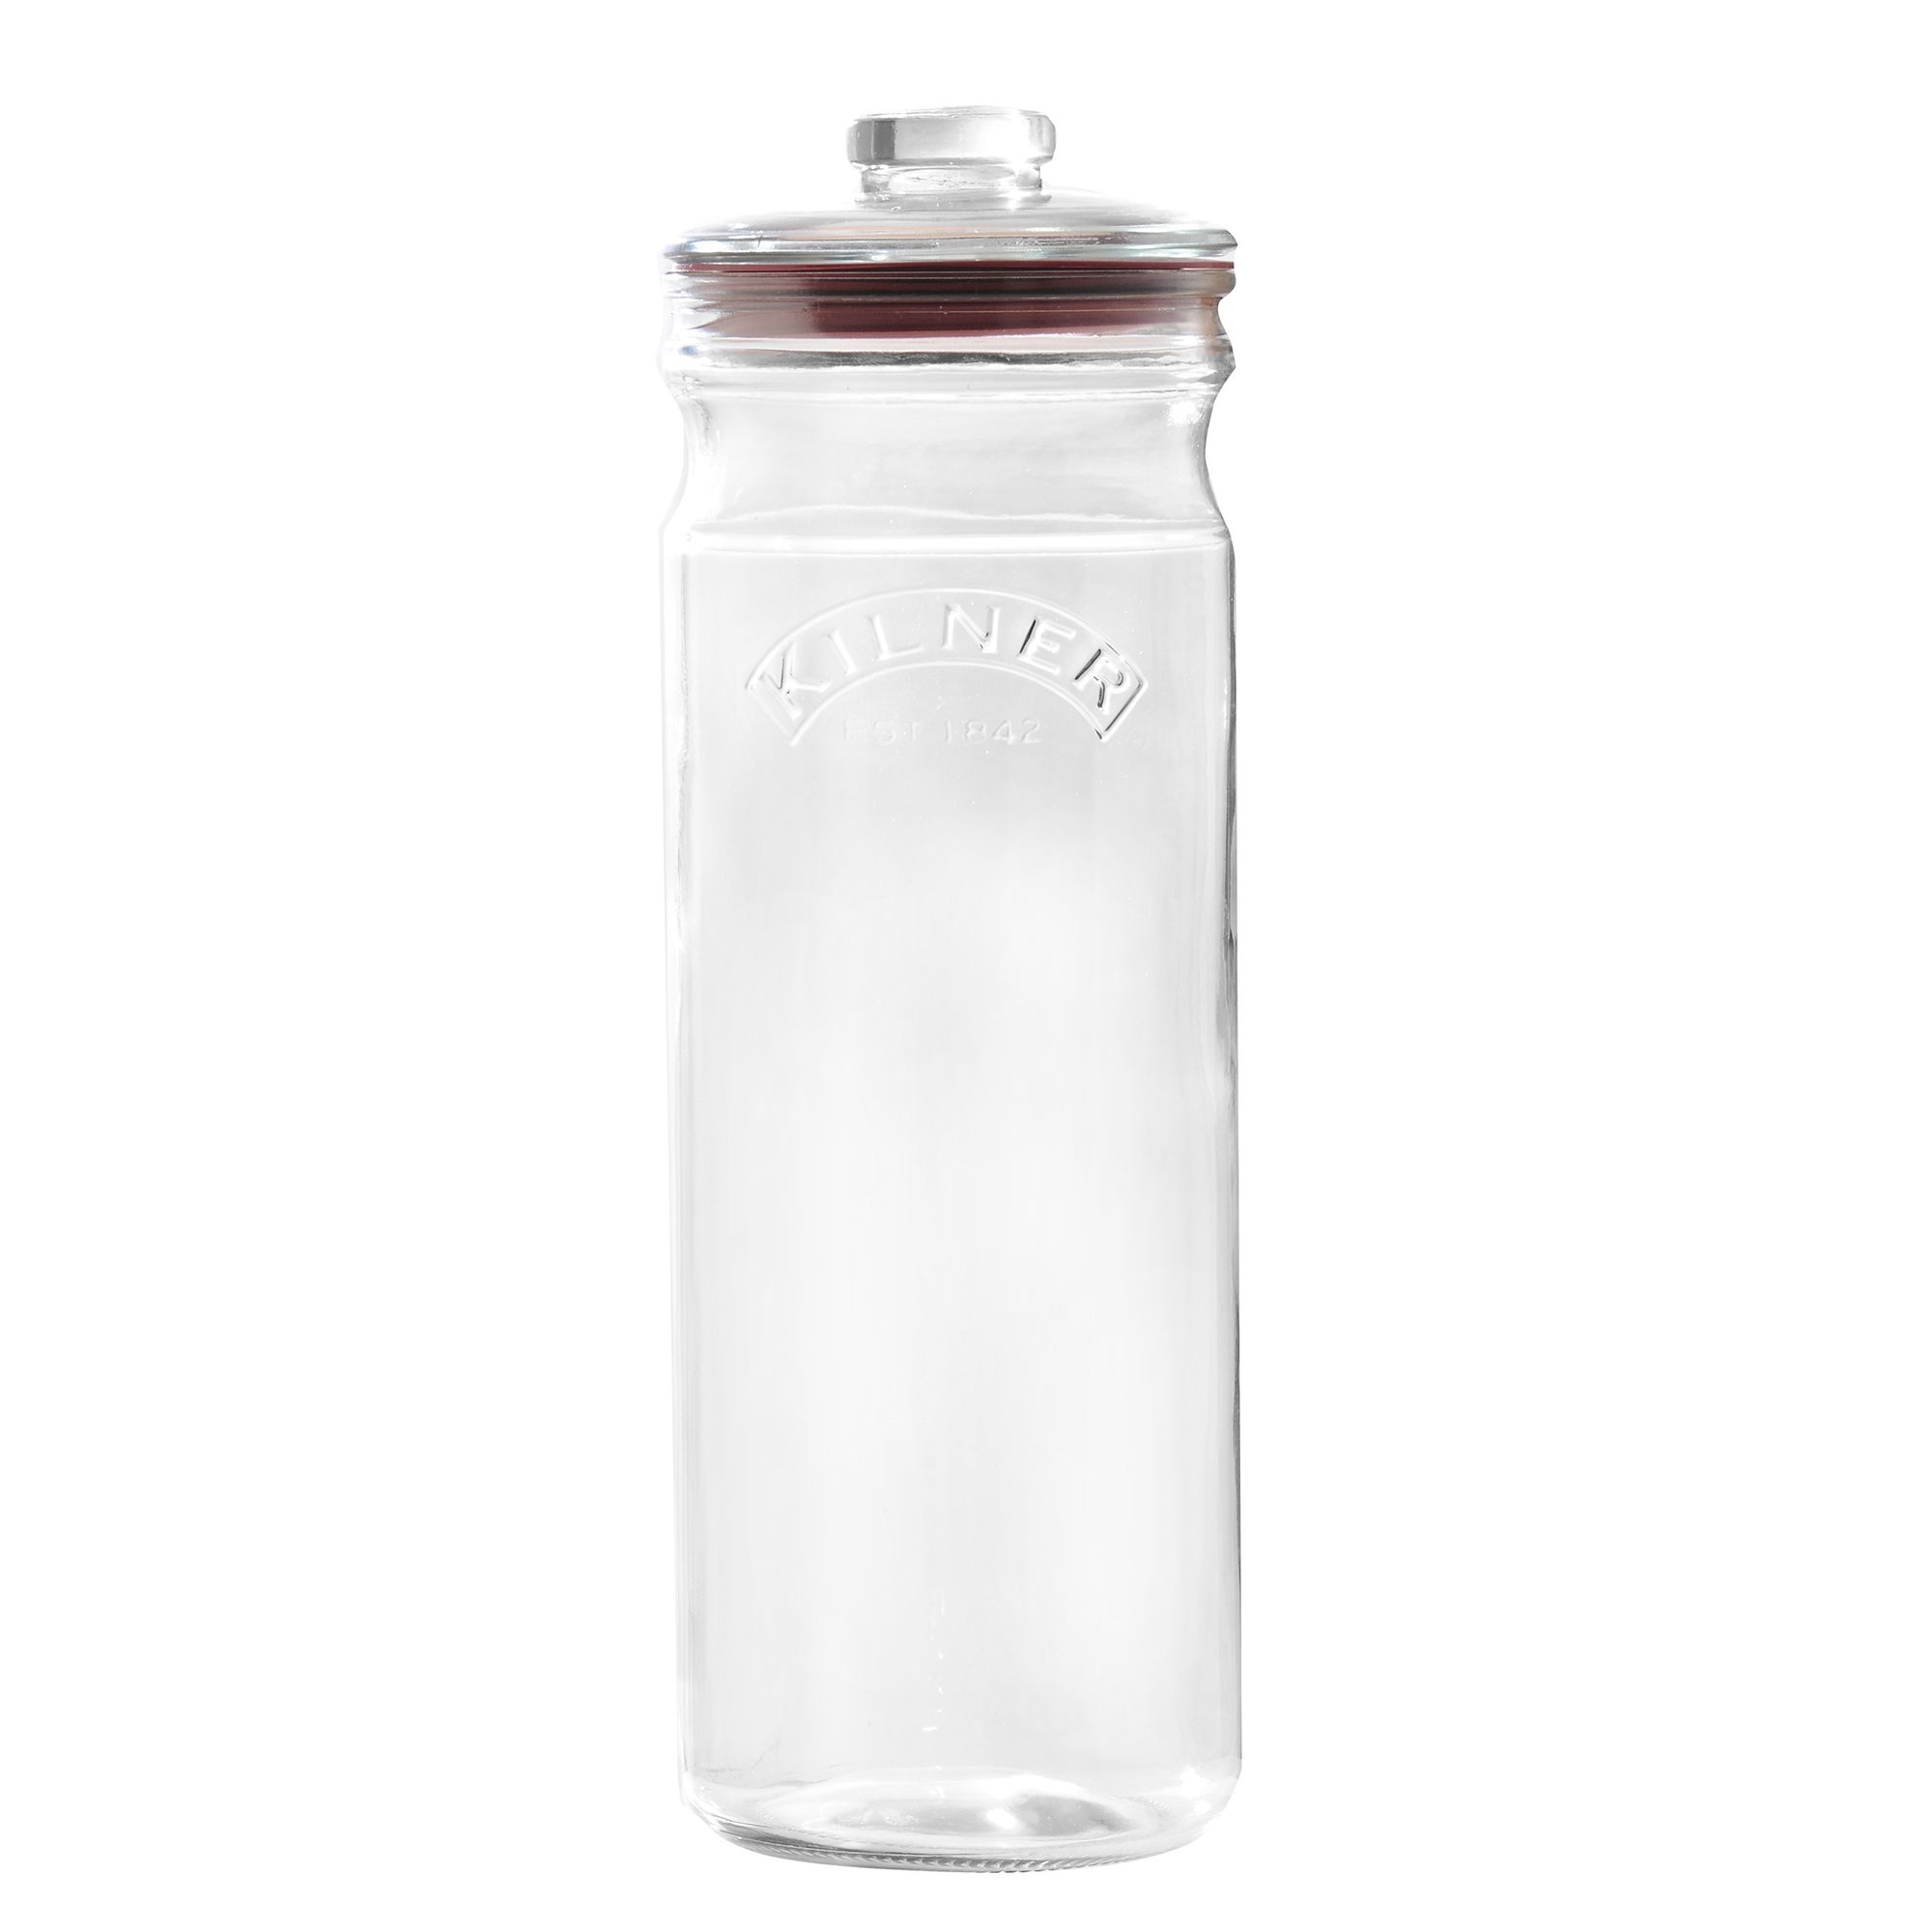 Kilner 2.4 Litre Push Top Jar